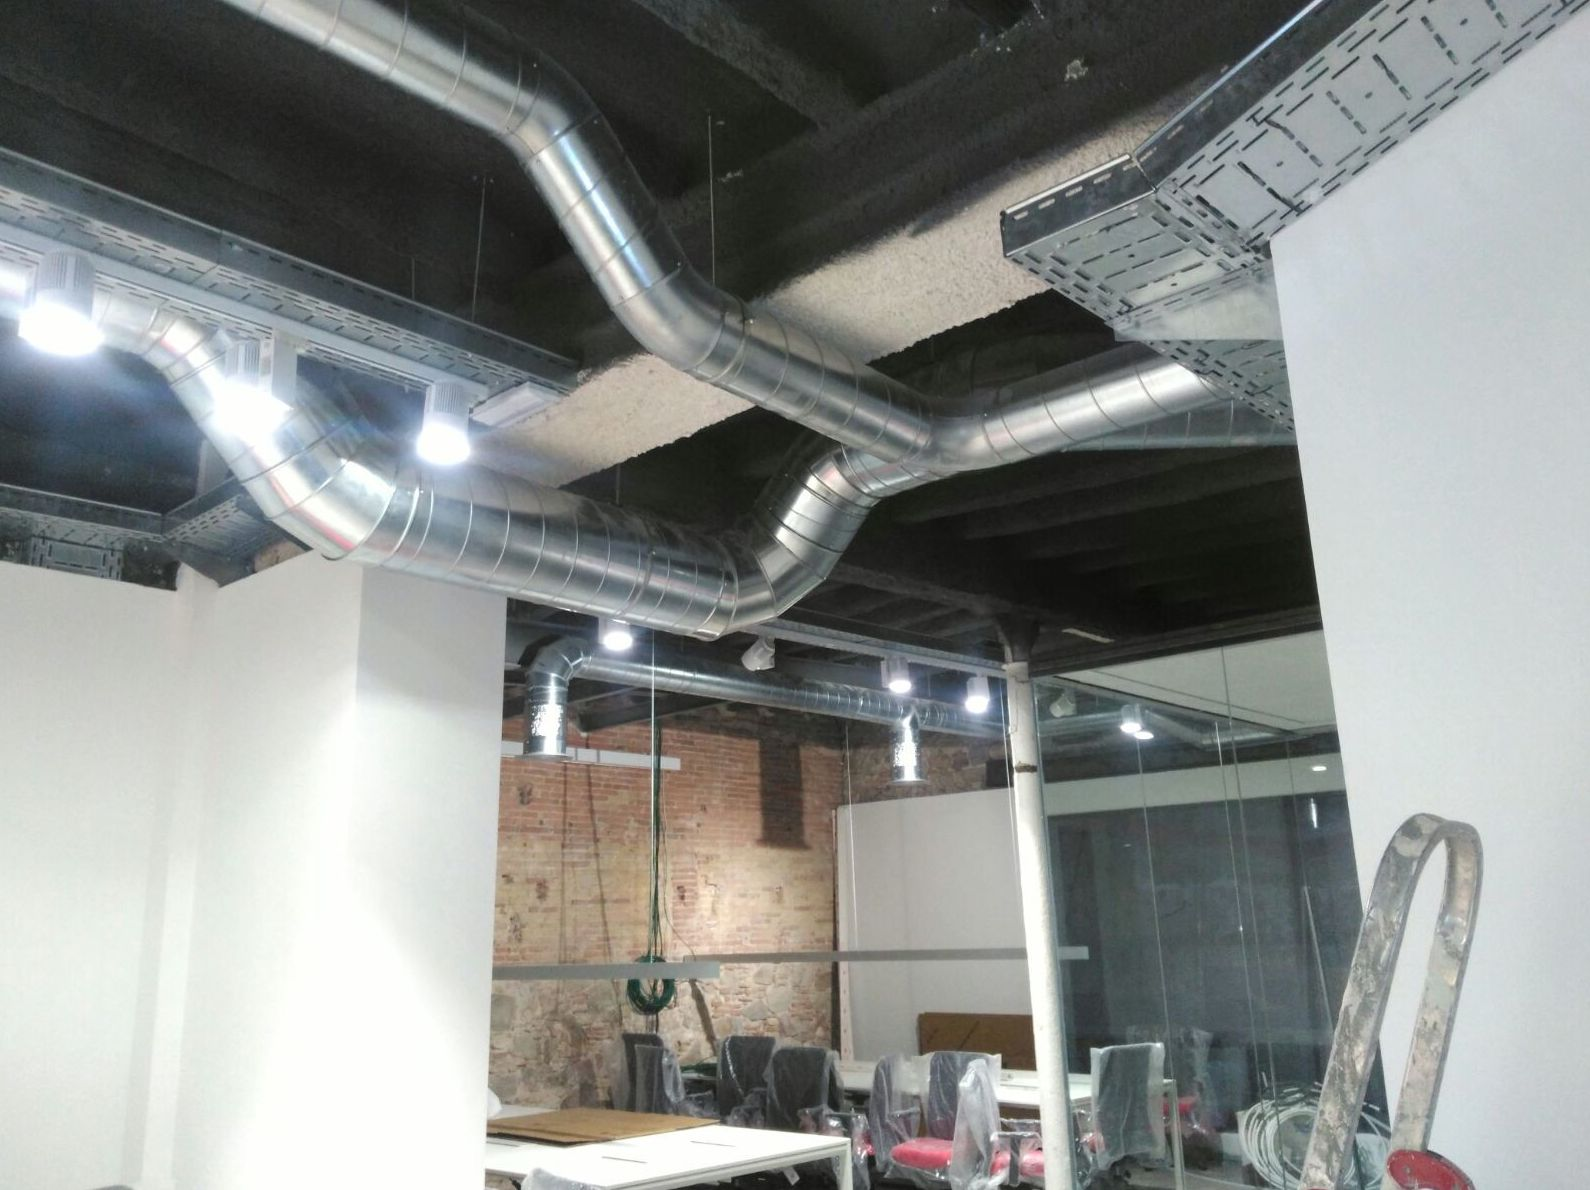 Expertos en la instalación de conductos para aire acondicionado en Cornellá de Llobregat